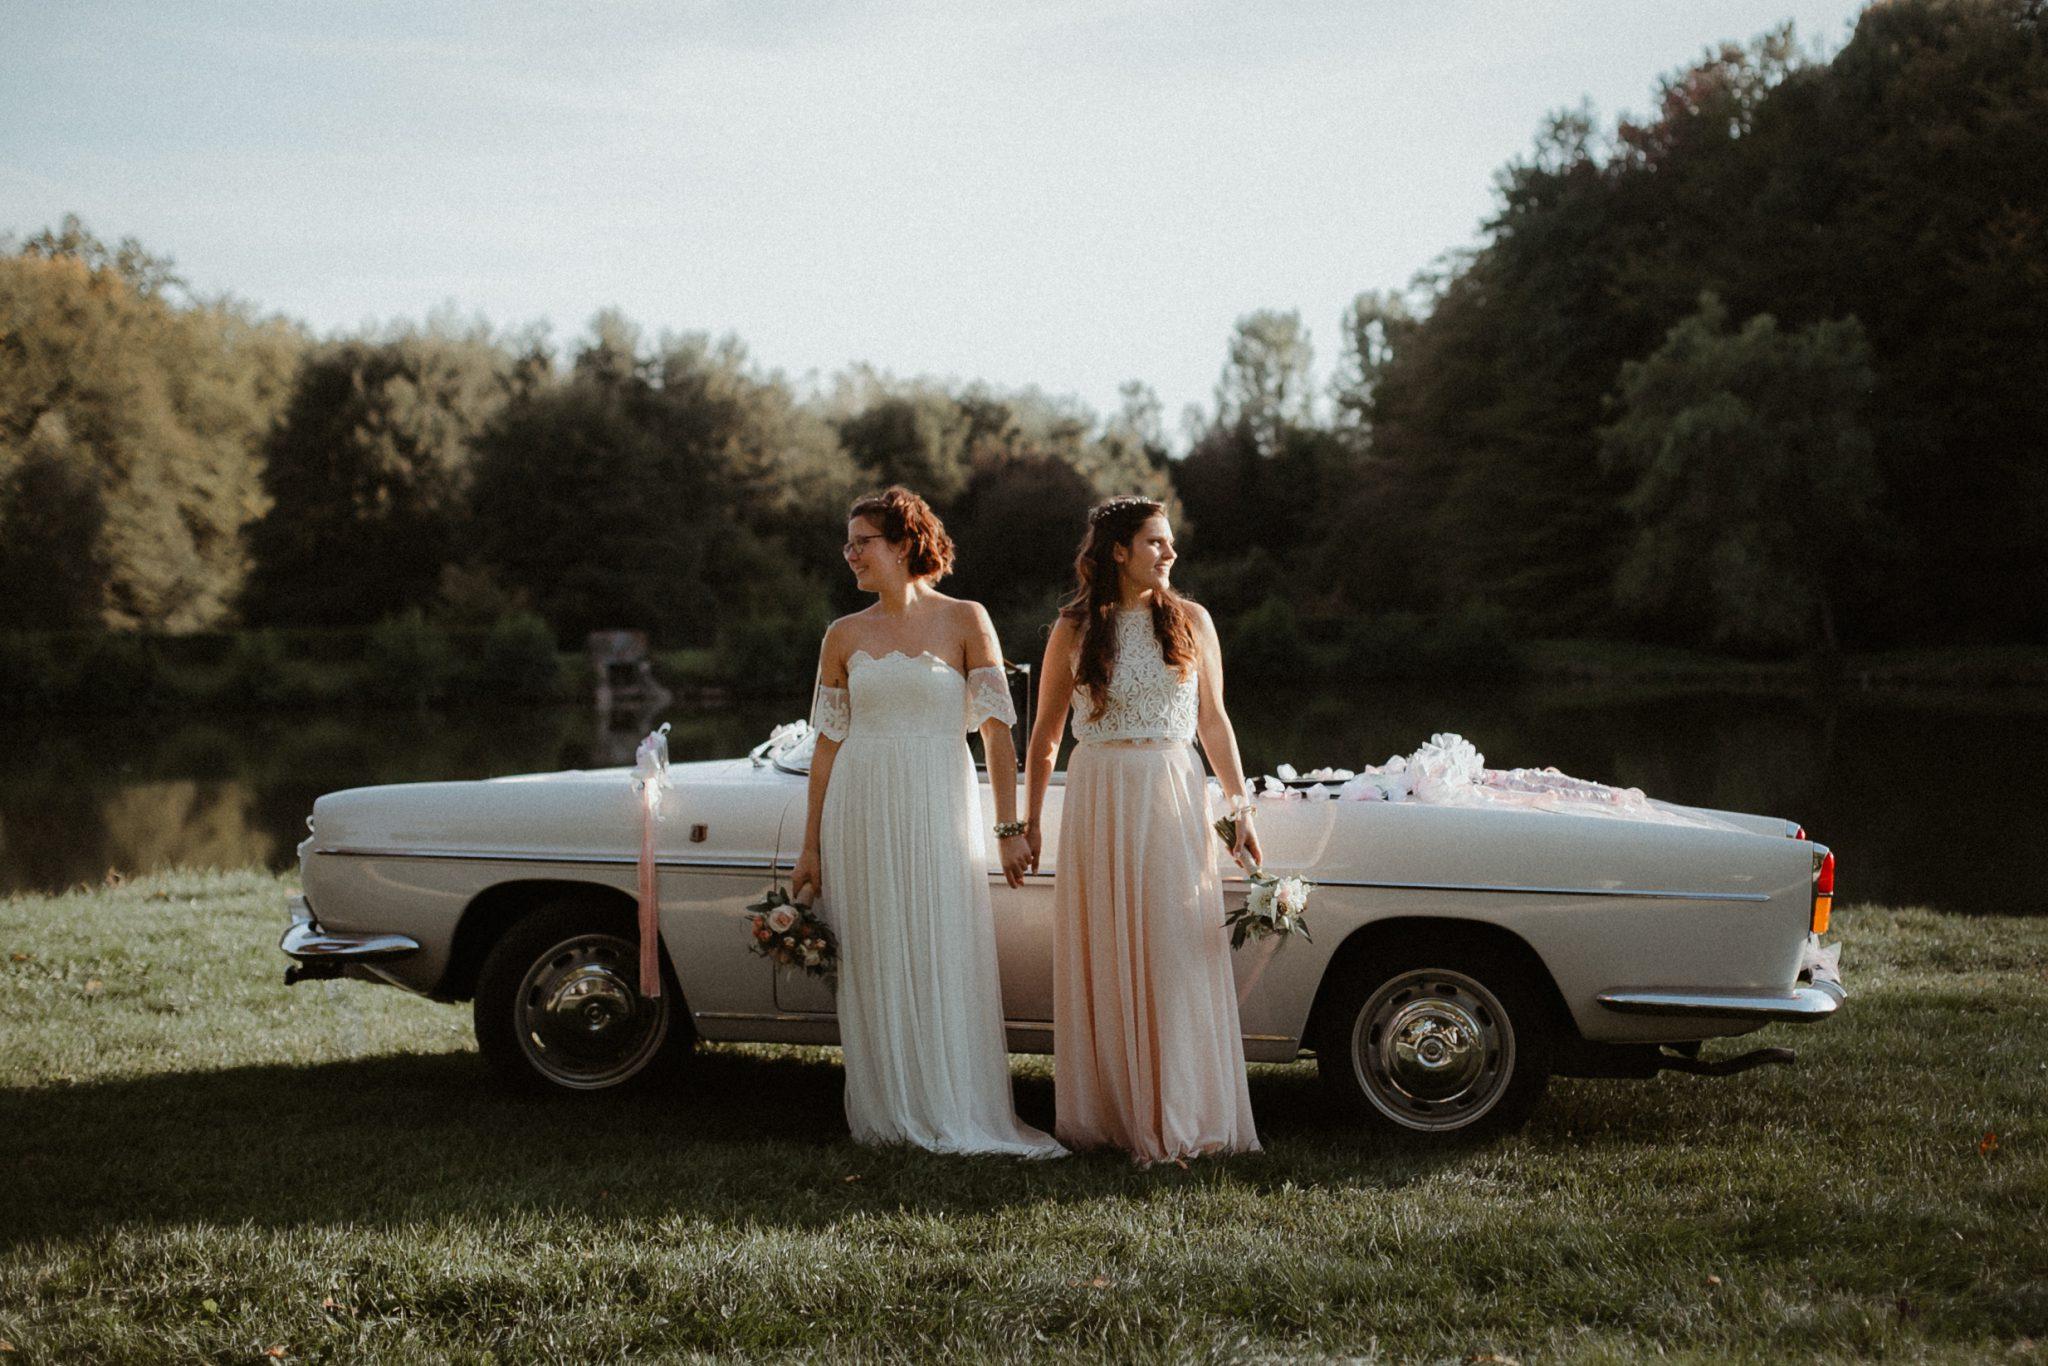 photographe de Mariage Gay et Lesbien mariage pour tous Same-sex Homo LGBT Homosexuel